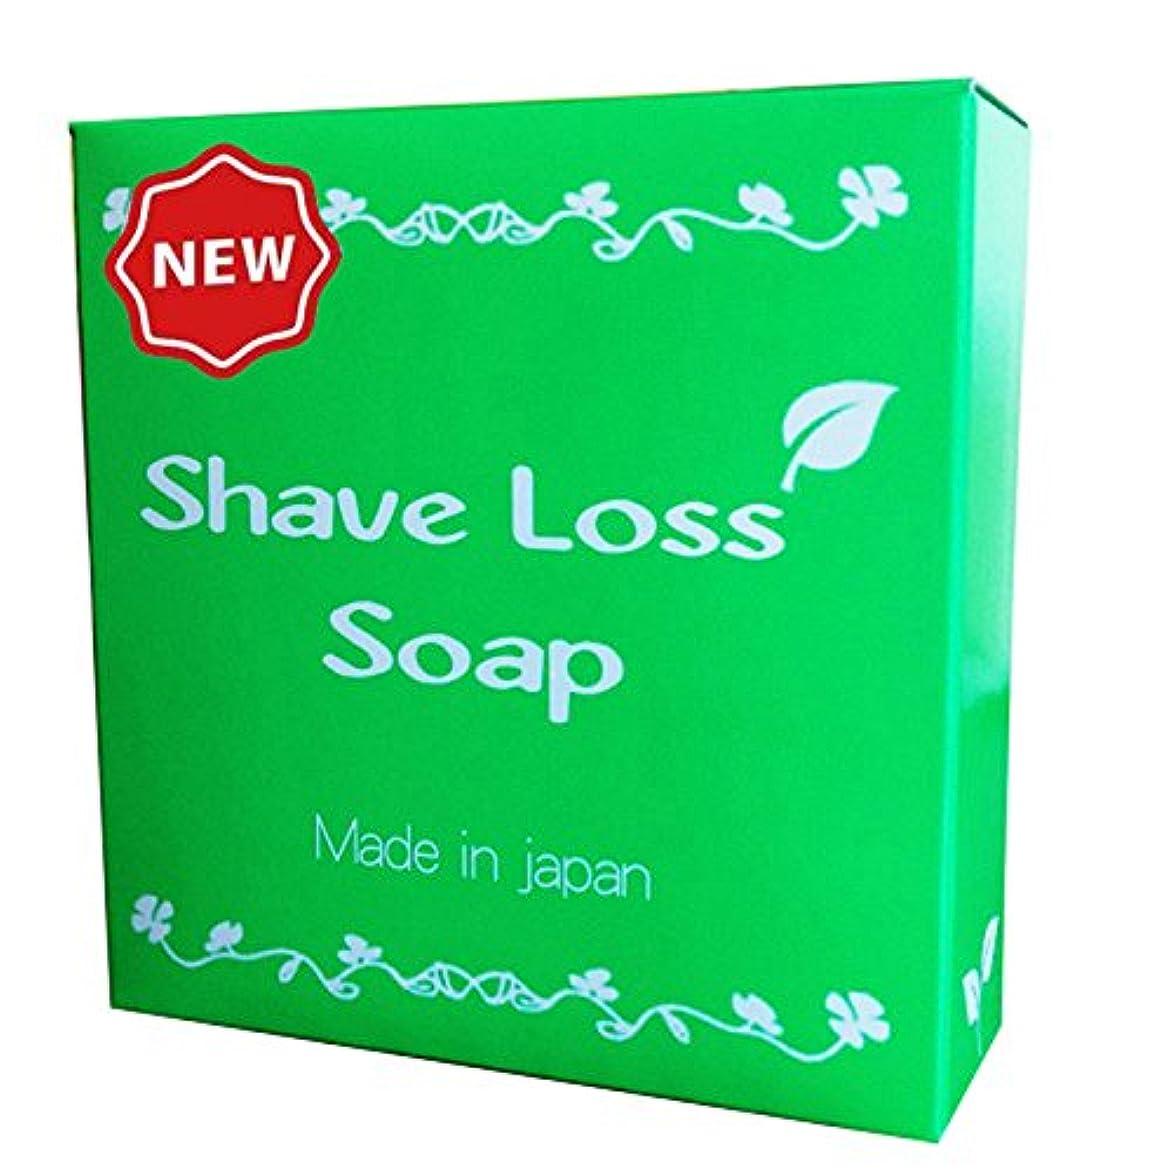 心理的に歌冷蔵する【NEW】Shave Loss Soap 女性の願いを叶える 石鹸 80g 「ダイズ種子エキス」 「ラレアディバリカタエキス」大幅増量タイプ